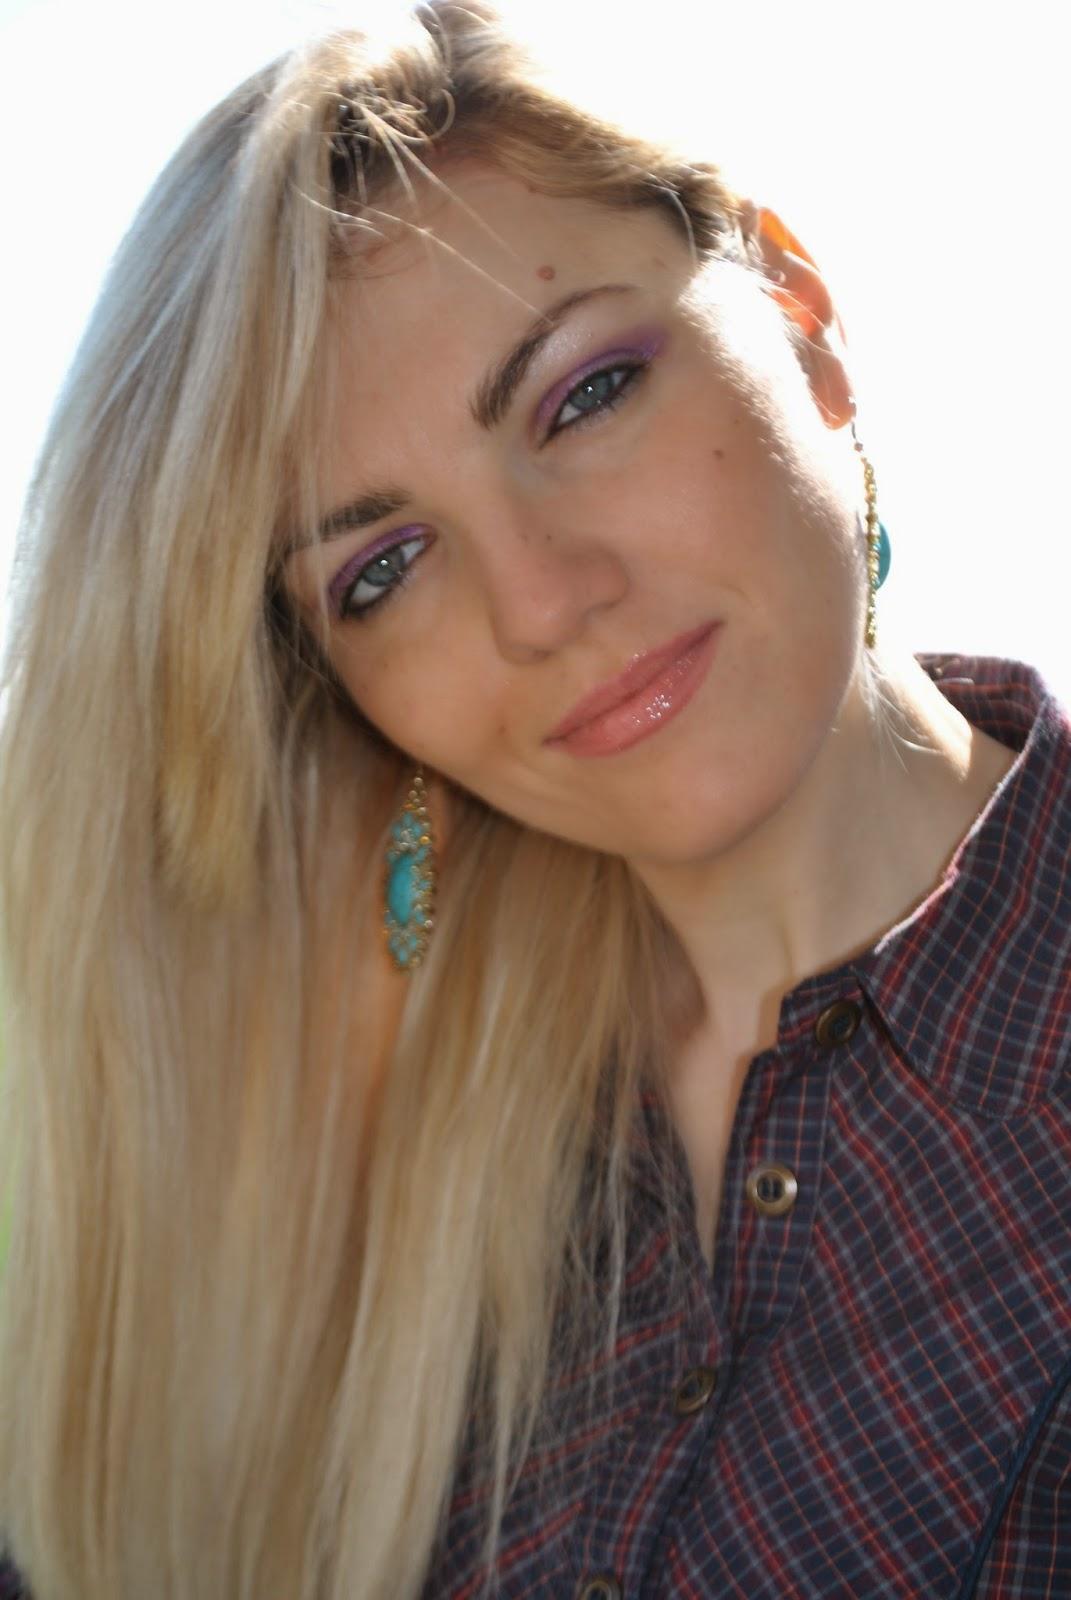 mitica oliva ultra dolce garnier trattamenti per capelli come proteggere i capelli biondi bellezza capelli beauty mariafelicia magno colorblock by felym mariafelicia magno fashion blogger fashion blogger bionde hair blonde hair fashion bloggers italy